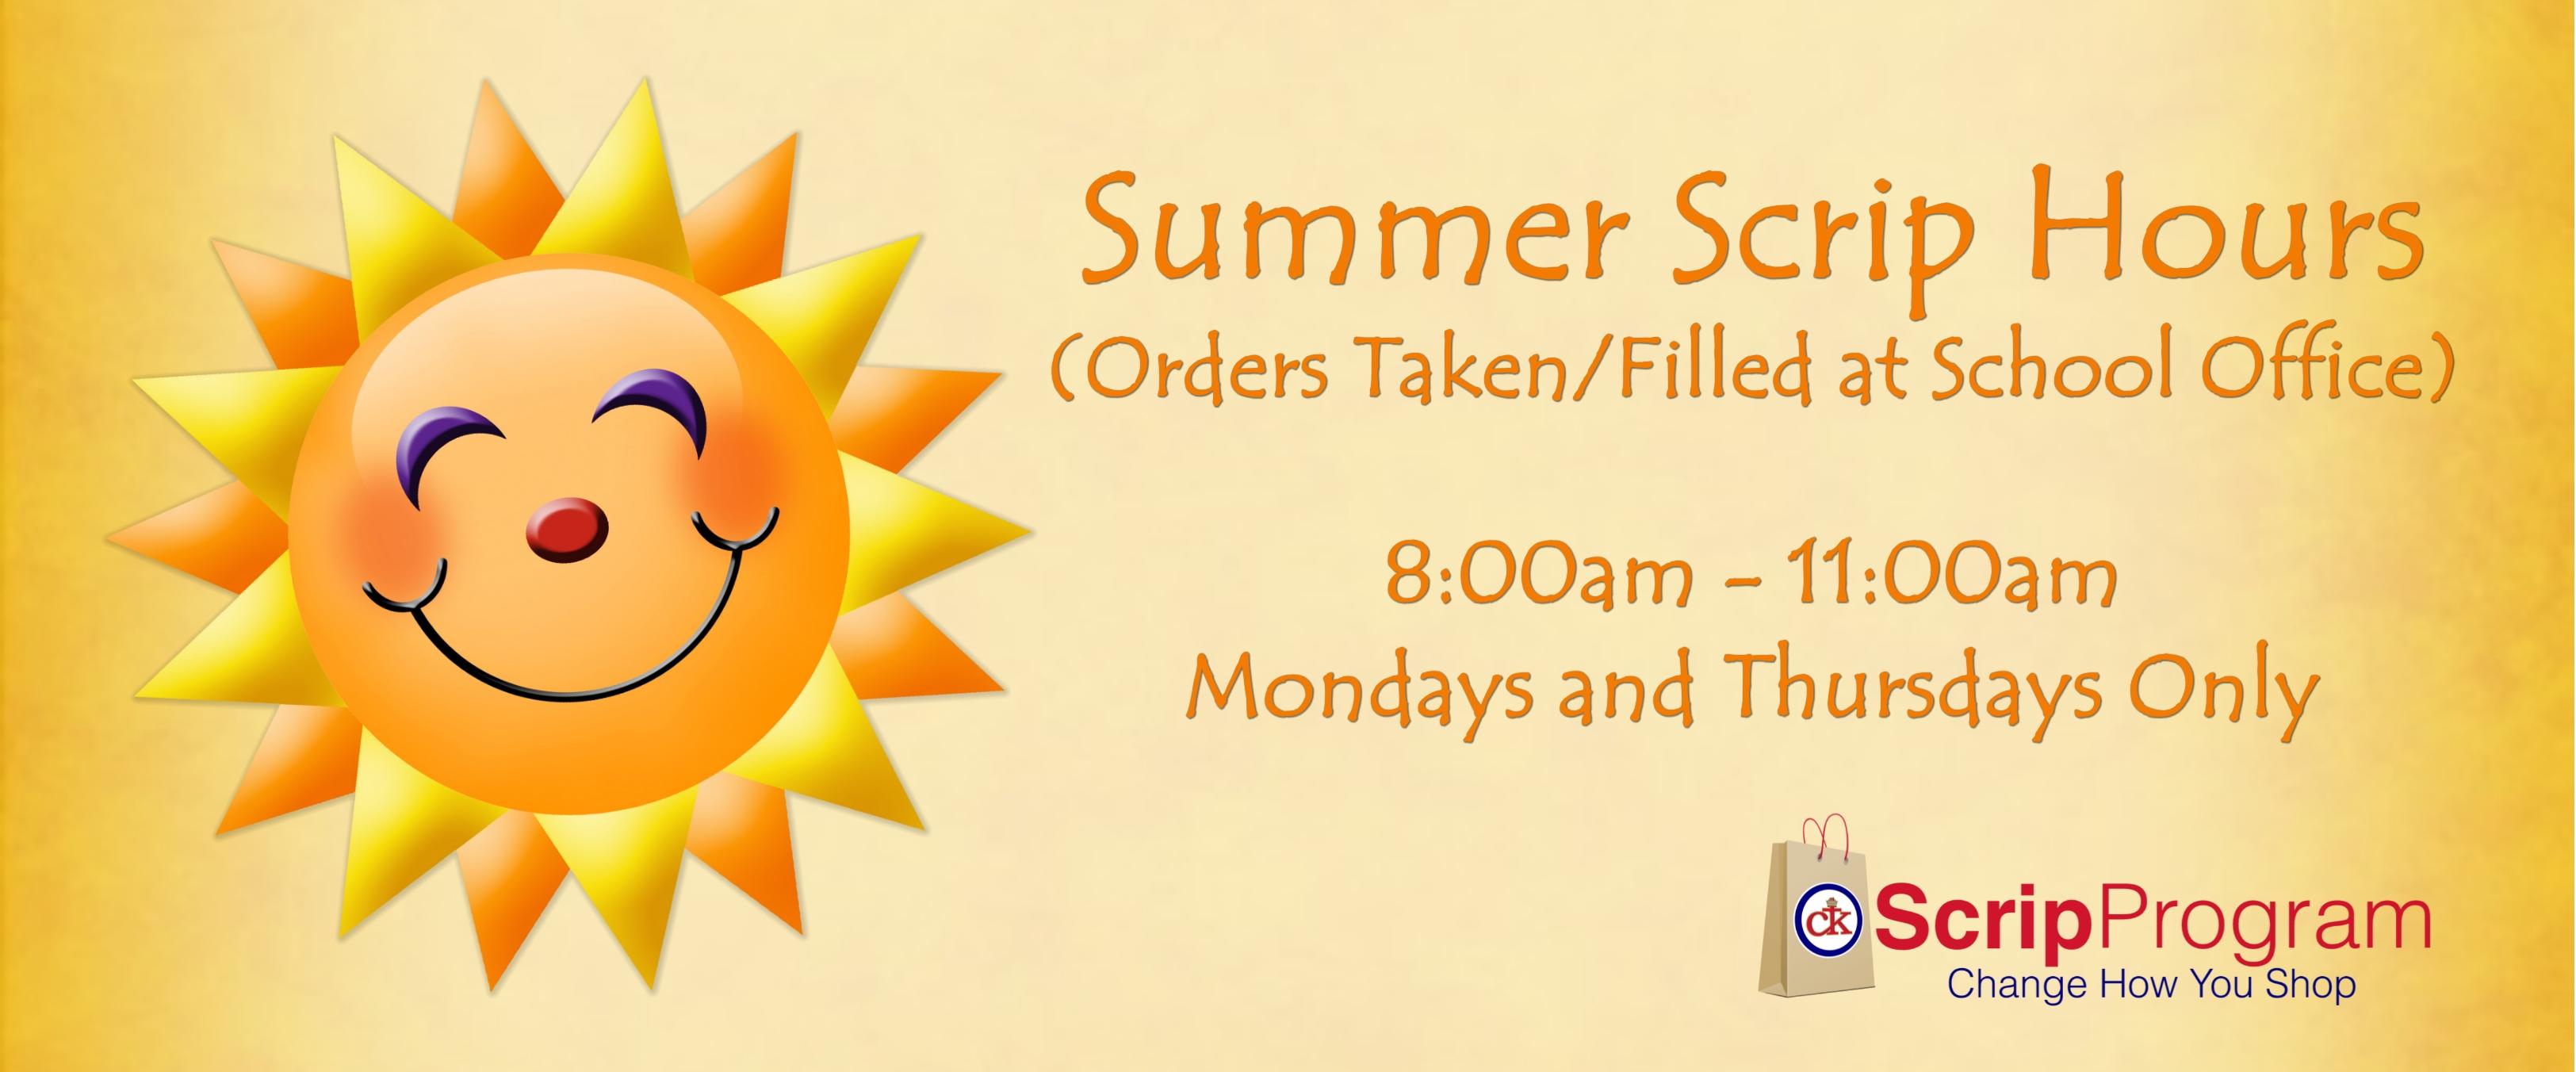 2017-0601 – CTK School Website Slide-Summer